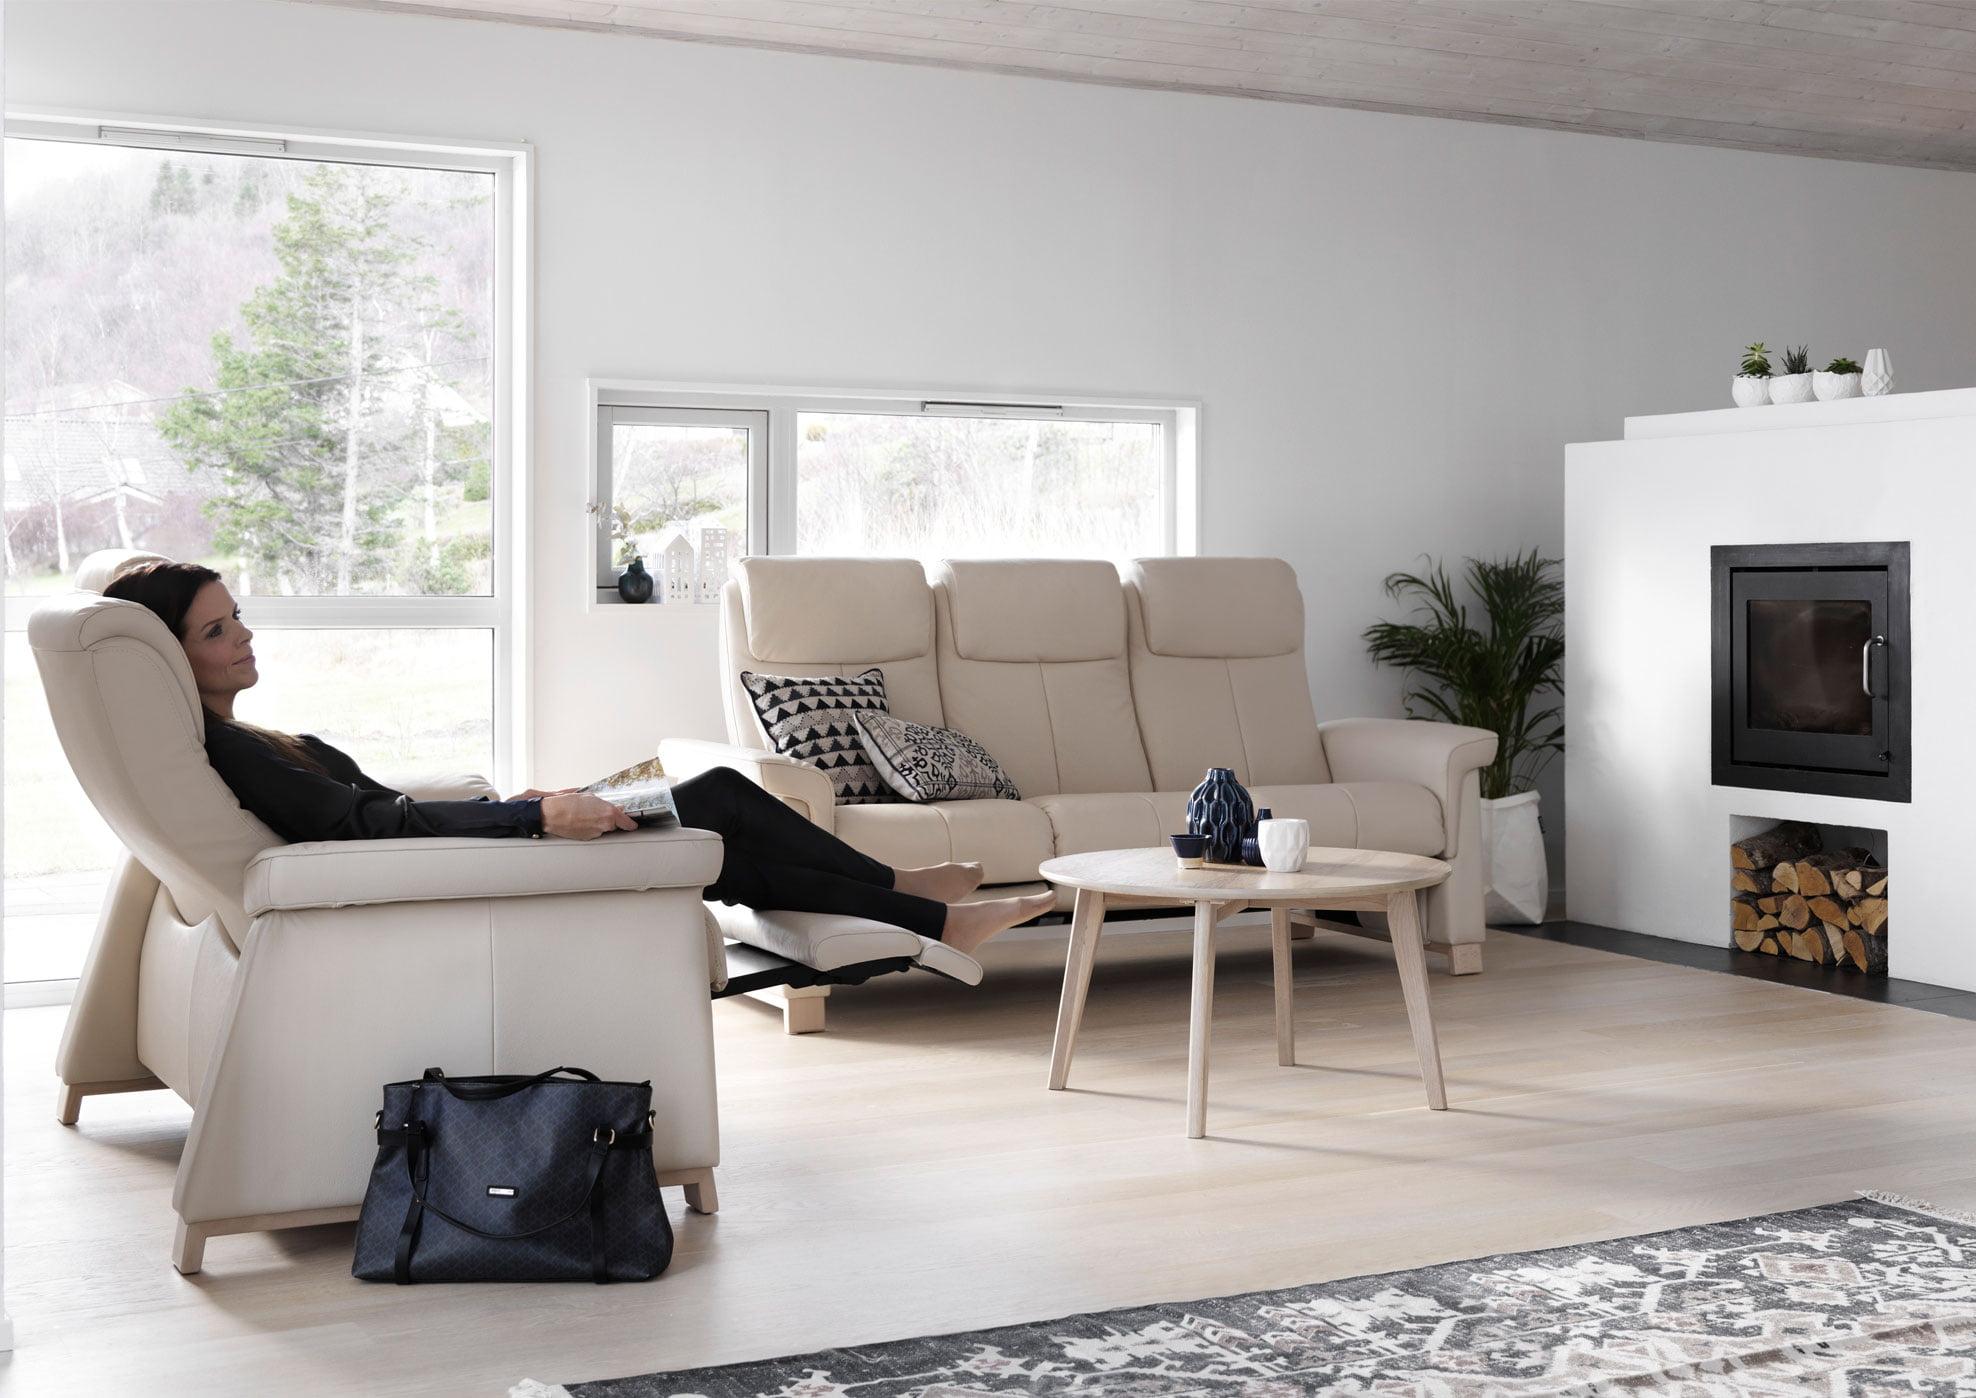 Le nouveau repose pied int gr by stressless site officiel - Canape avec repose pied integre ...